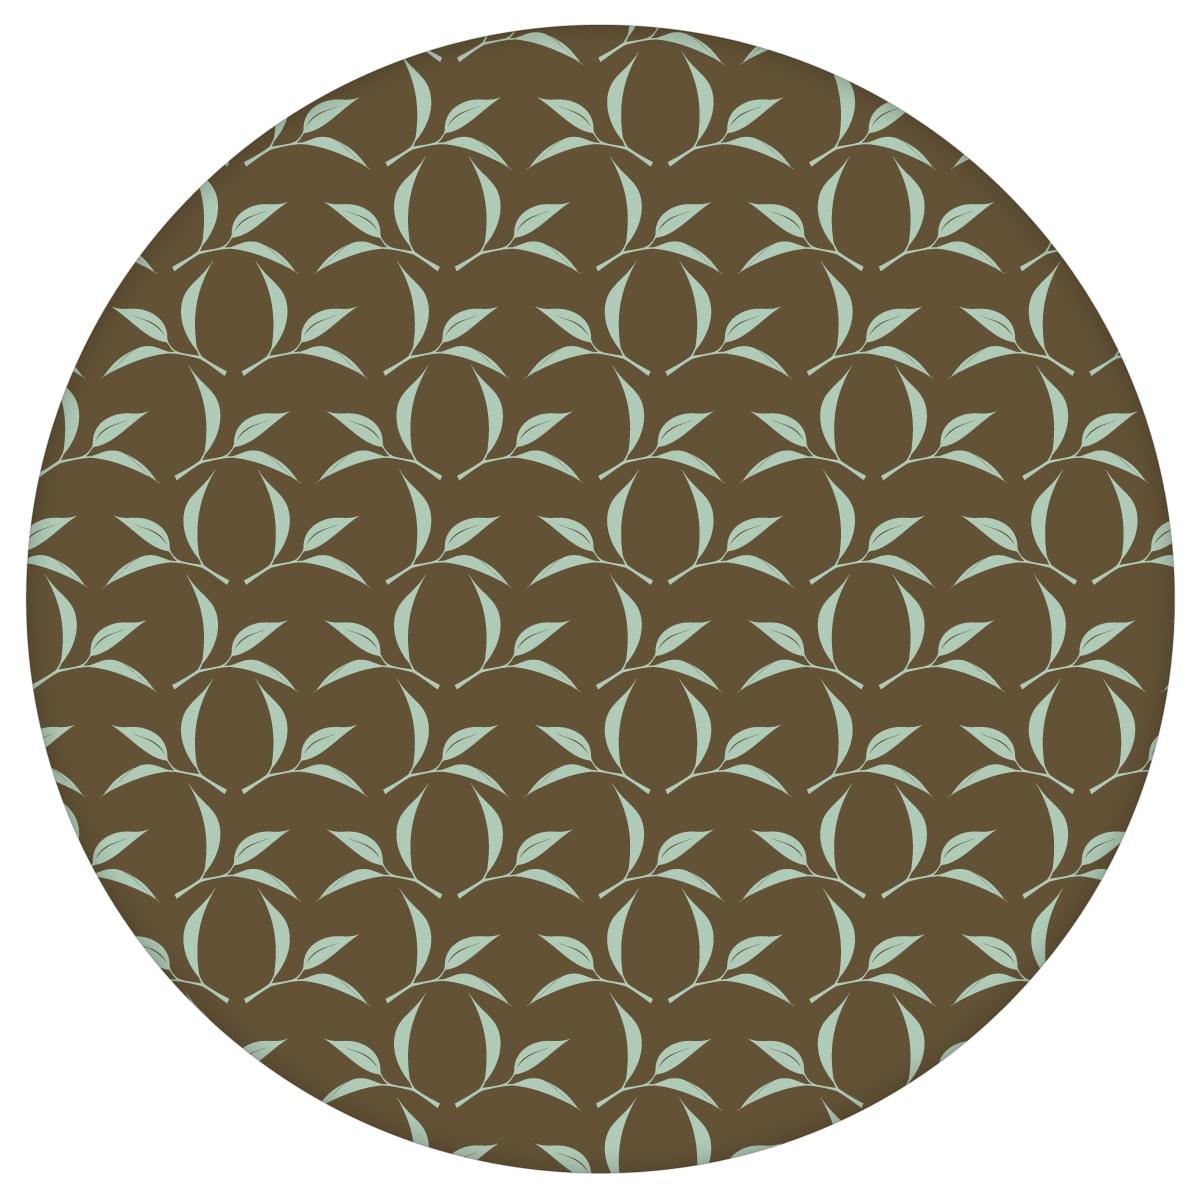 Ornamenttapete Tea Time mit Tee Blättern in braun - Design Tapete für Wohnzimmeraus dem GMM-BERLIN.com Sortiment: braune Tapete zur Raumgestaltung: #Ambiente #Blätter #Braune Tapeten #interior #interiordesign #Tee #wohnzimmerGrafik für individuelles Interiordesign